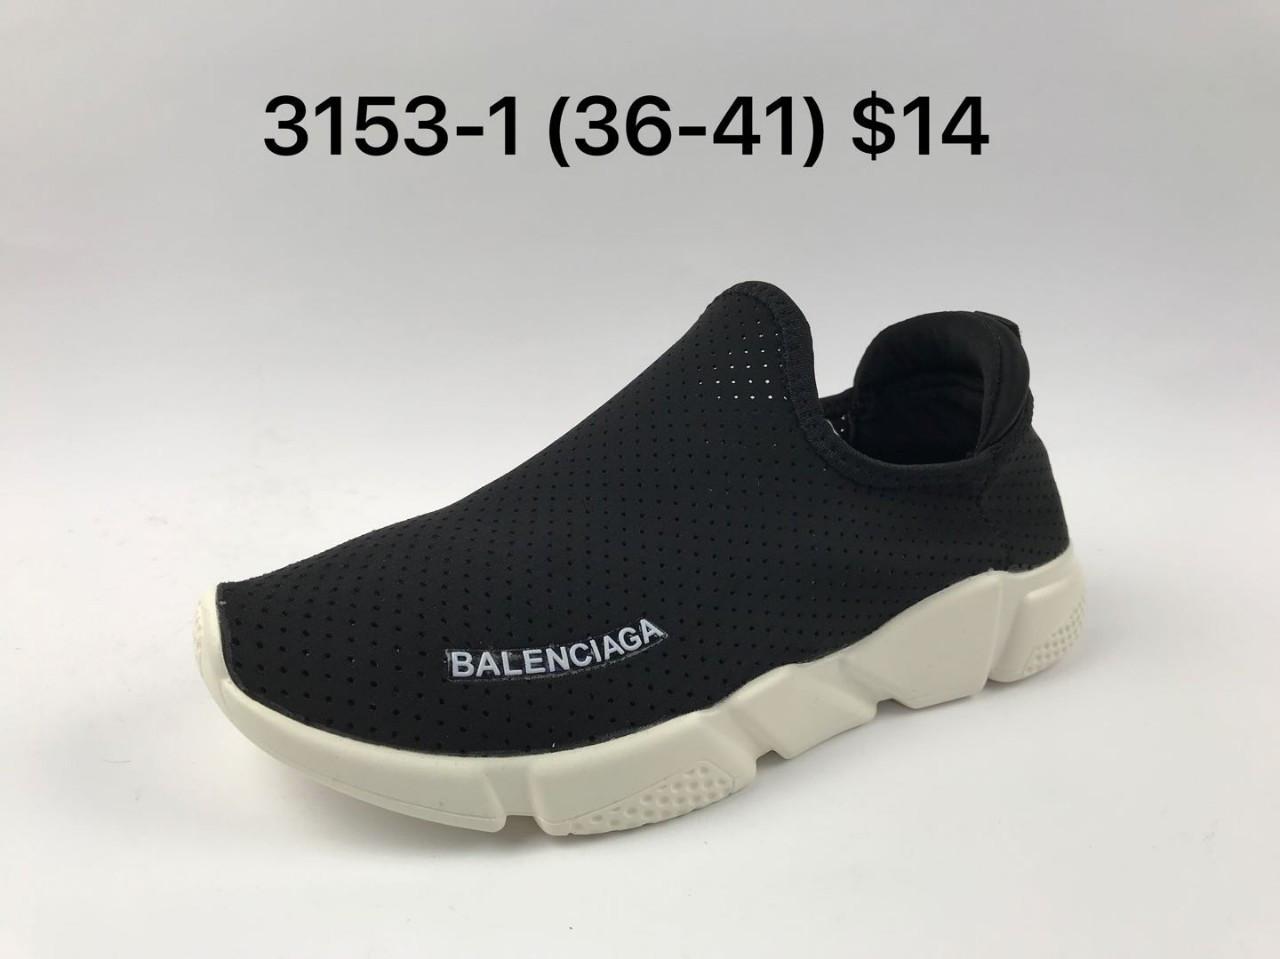 Подростковые кроссовки Balenciaga оптом (36-41)